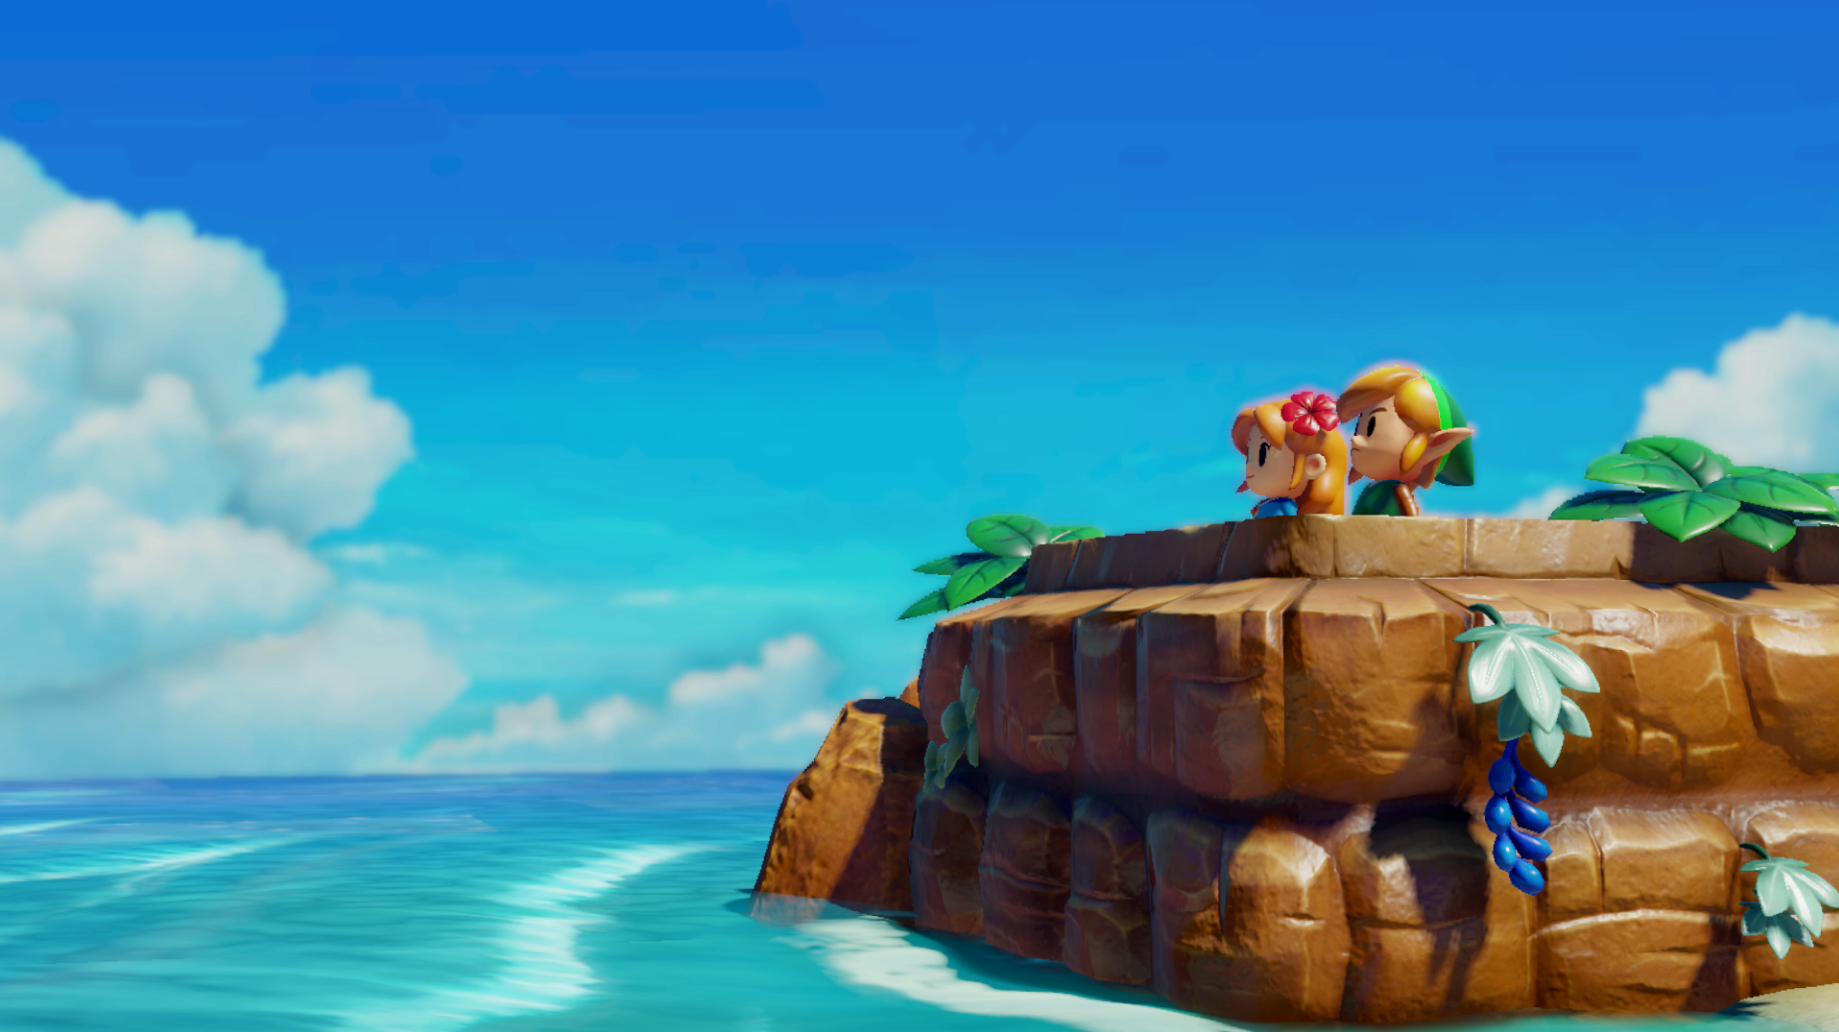 The Legend of Zelda: Link's Awakening review - طبعة جديدة تستحق كل الوقت على الإطلاق 1